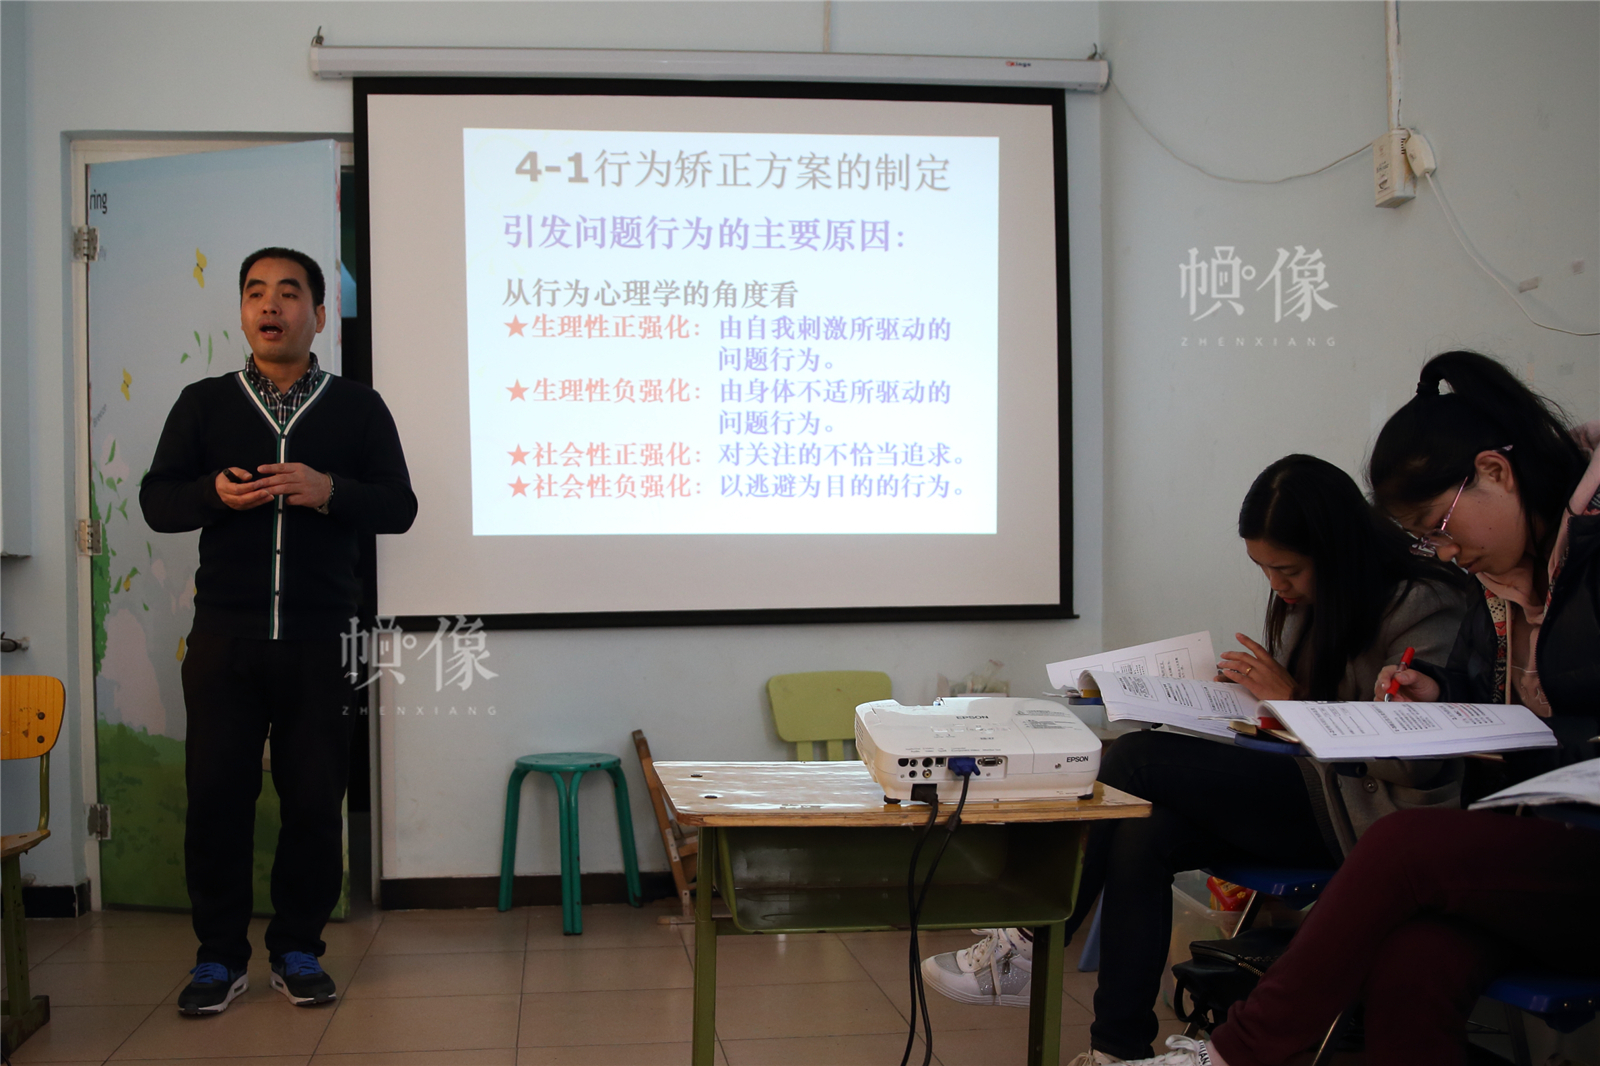 2017年3月27日,北京星星雨教育研究所,青少部主任吳良生在培訓新老師。中國網記者陳維松 攝